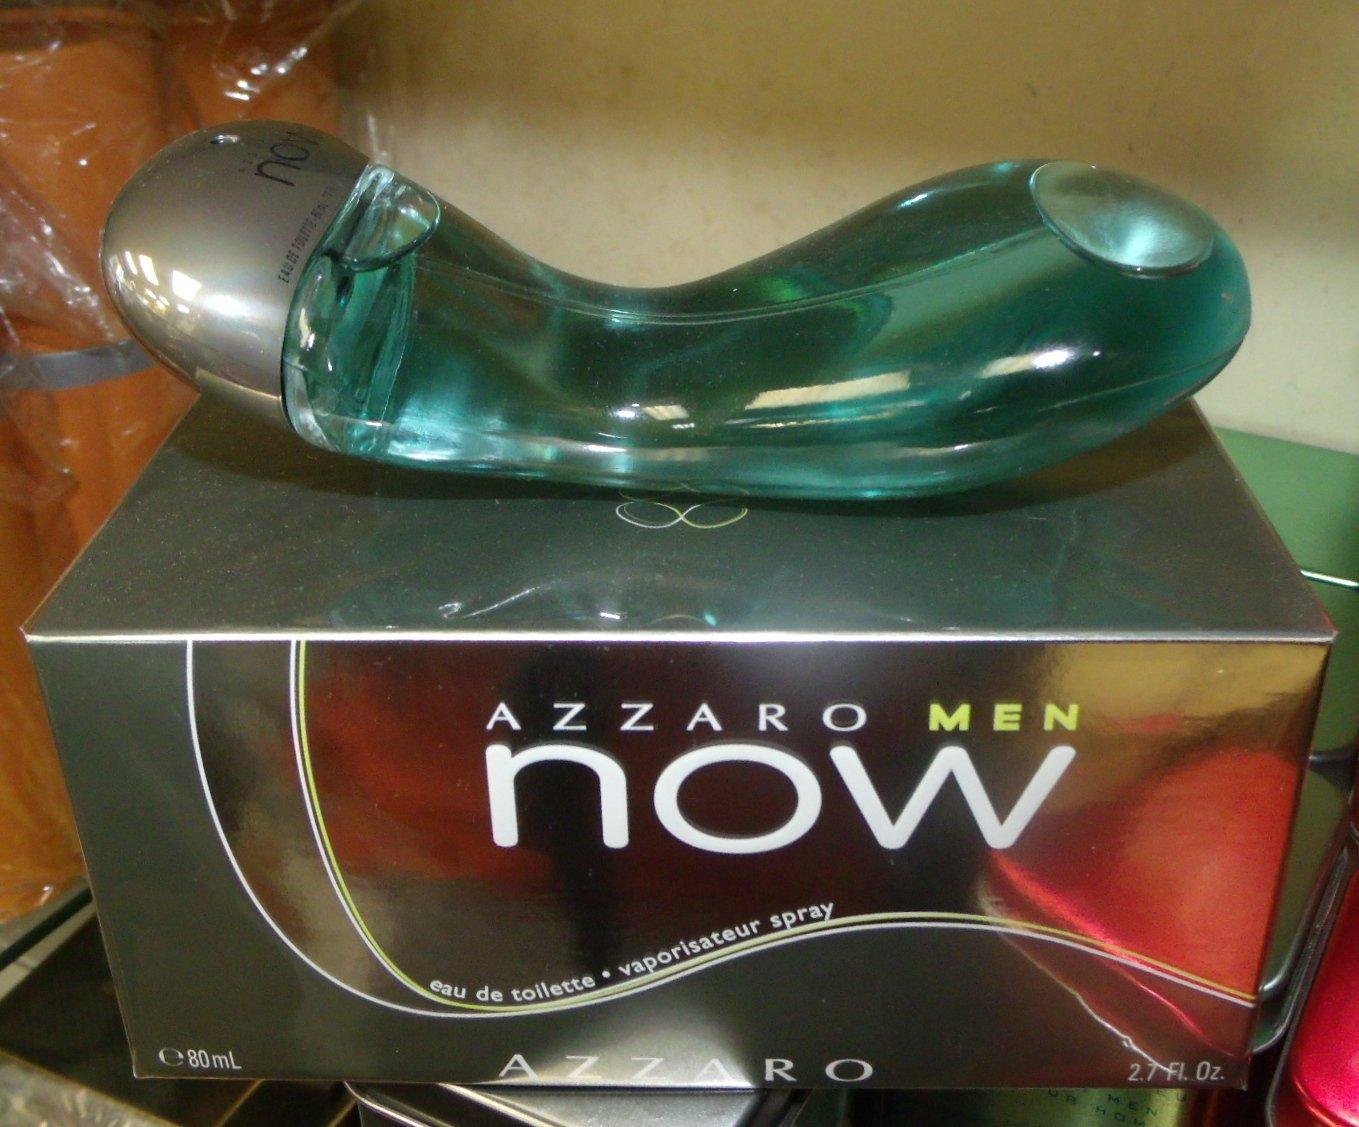 AZZARO NOW  By AZZARO EDT Spray 2.7 oz 80 ml for men